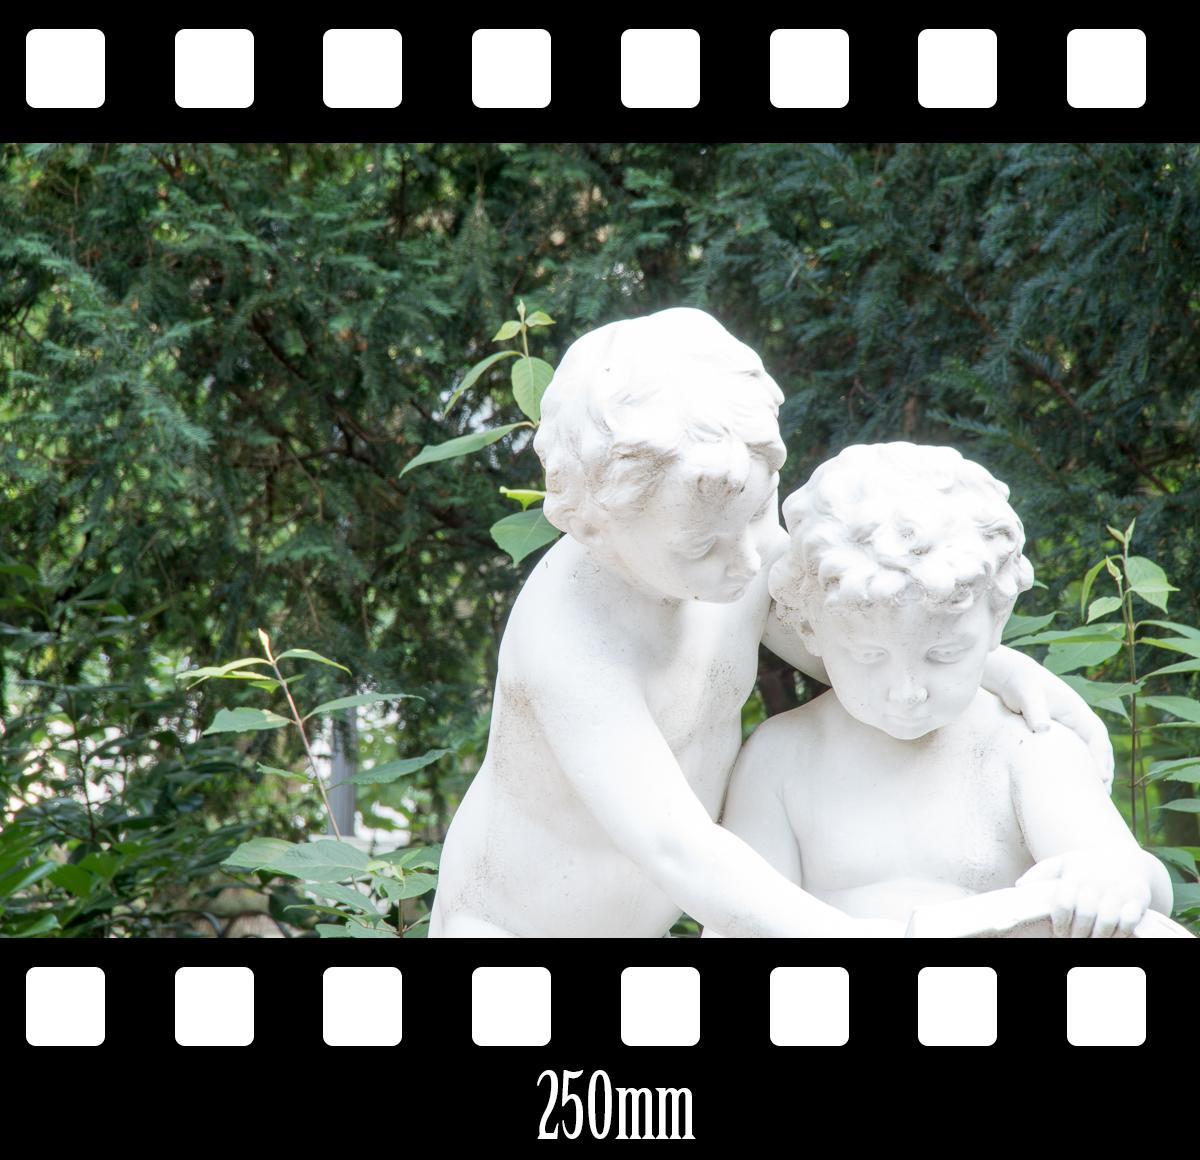 bsp_250mm